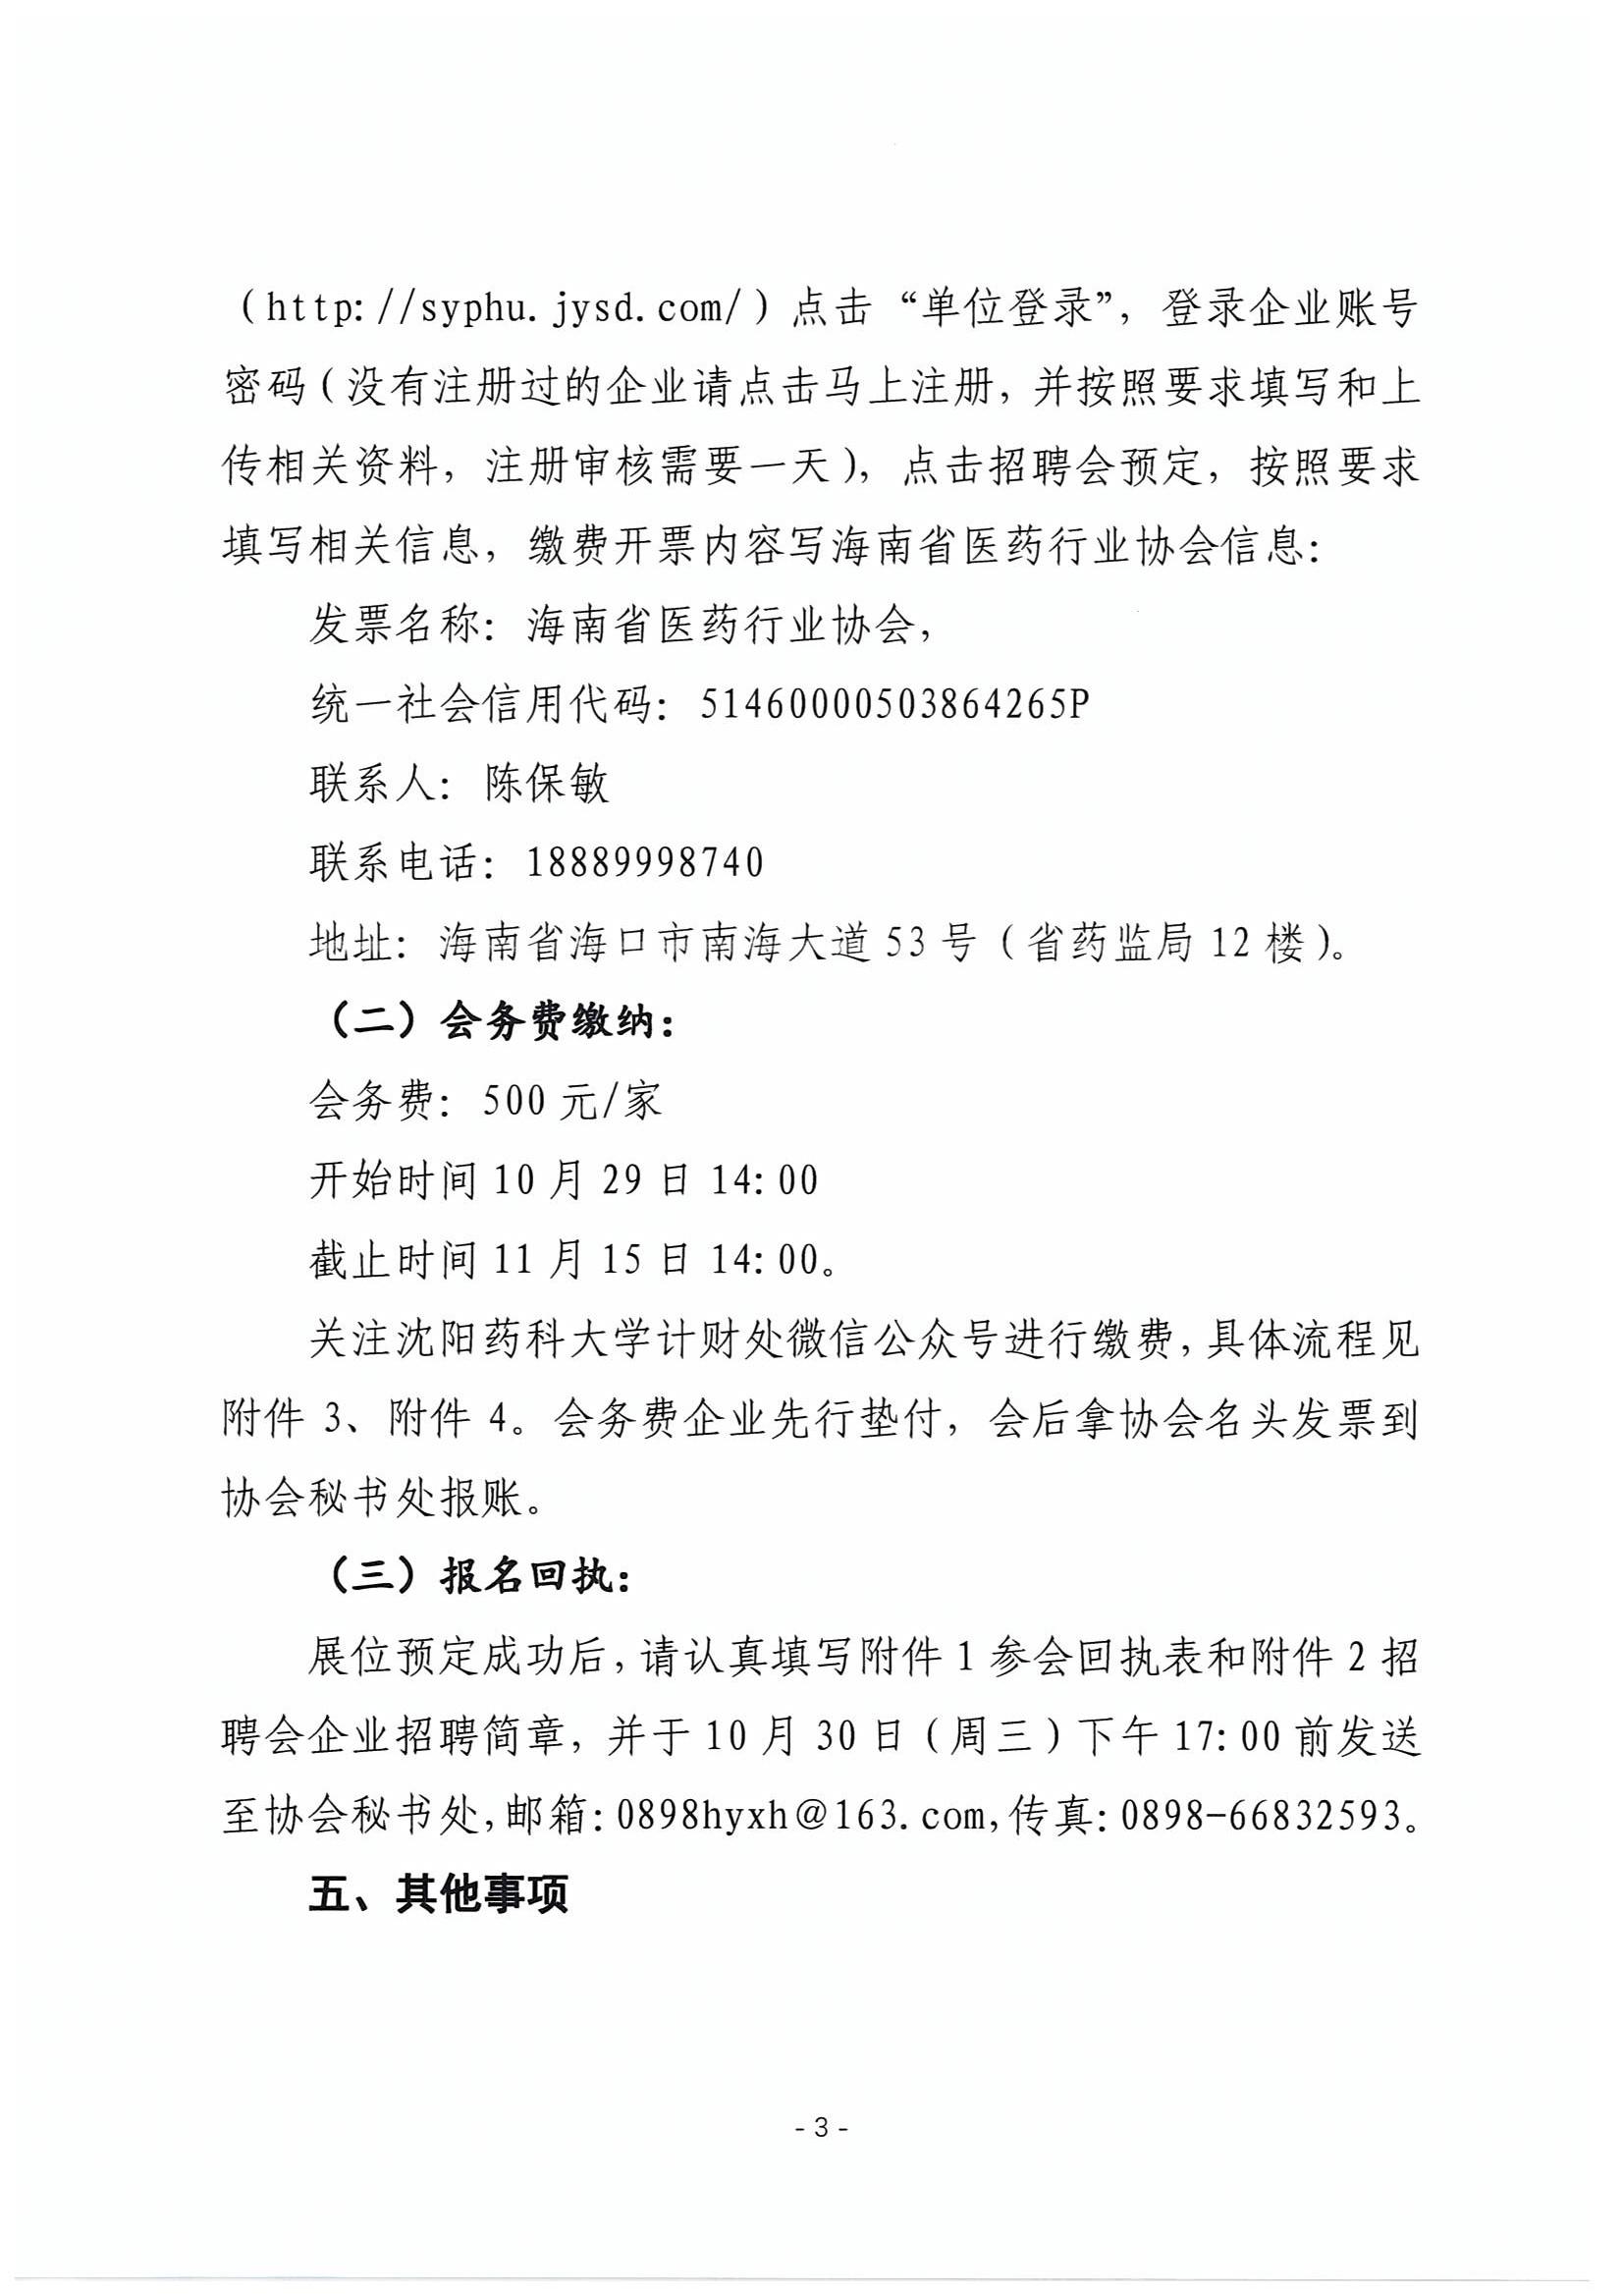 万博manbetx客戶端下载组织参加沈阳药科大学2020届毕业生双向选择大会的通知(1)(1)_页面_03